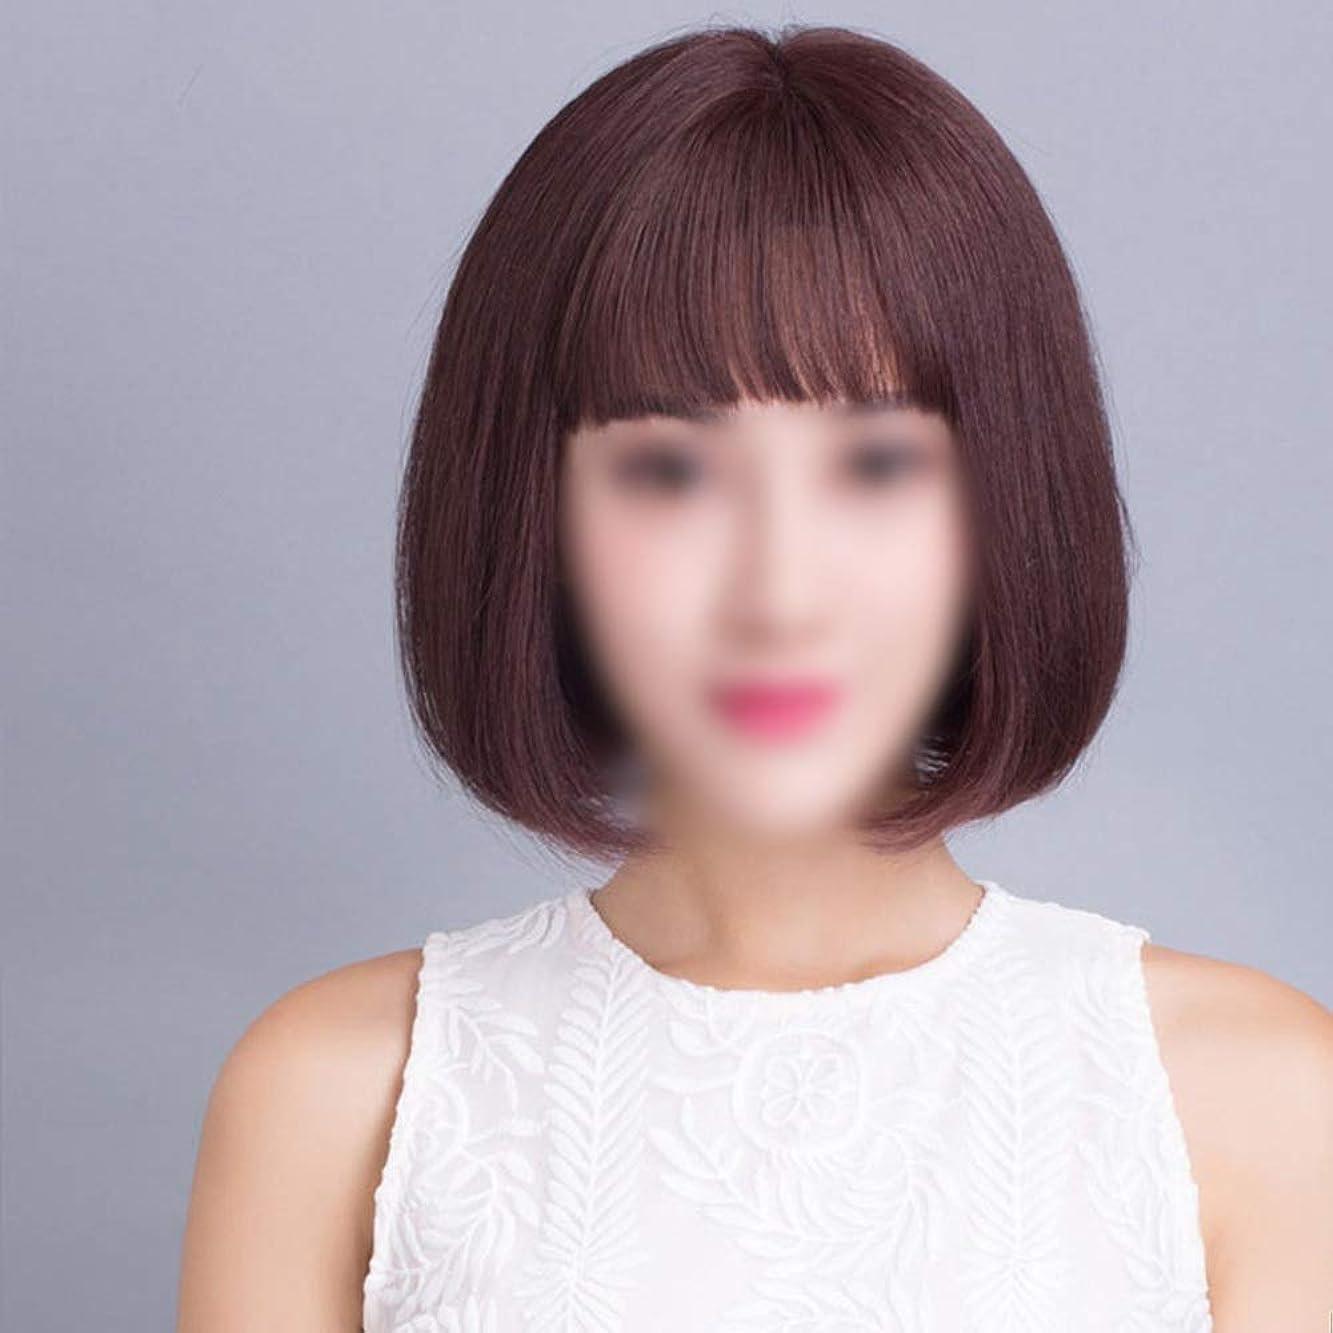 オーバーヘッド適用する博覧会YAHONGOE 女性の短い髪本物の髪ボブかつらかつらかつらファッションかつら (色 : Hand-woven top heart - natural black)